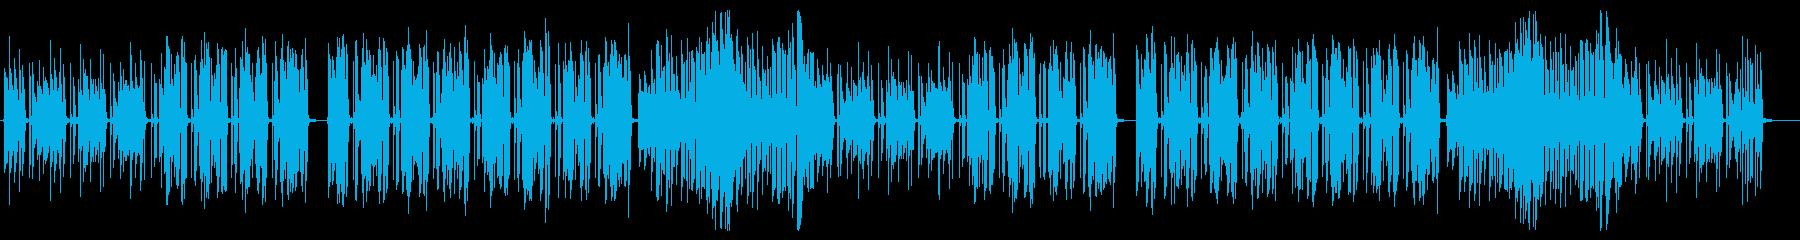 ちょっと渋さのあるブルージーなBGMの再生済みの波形